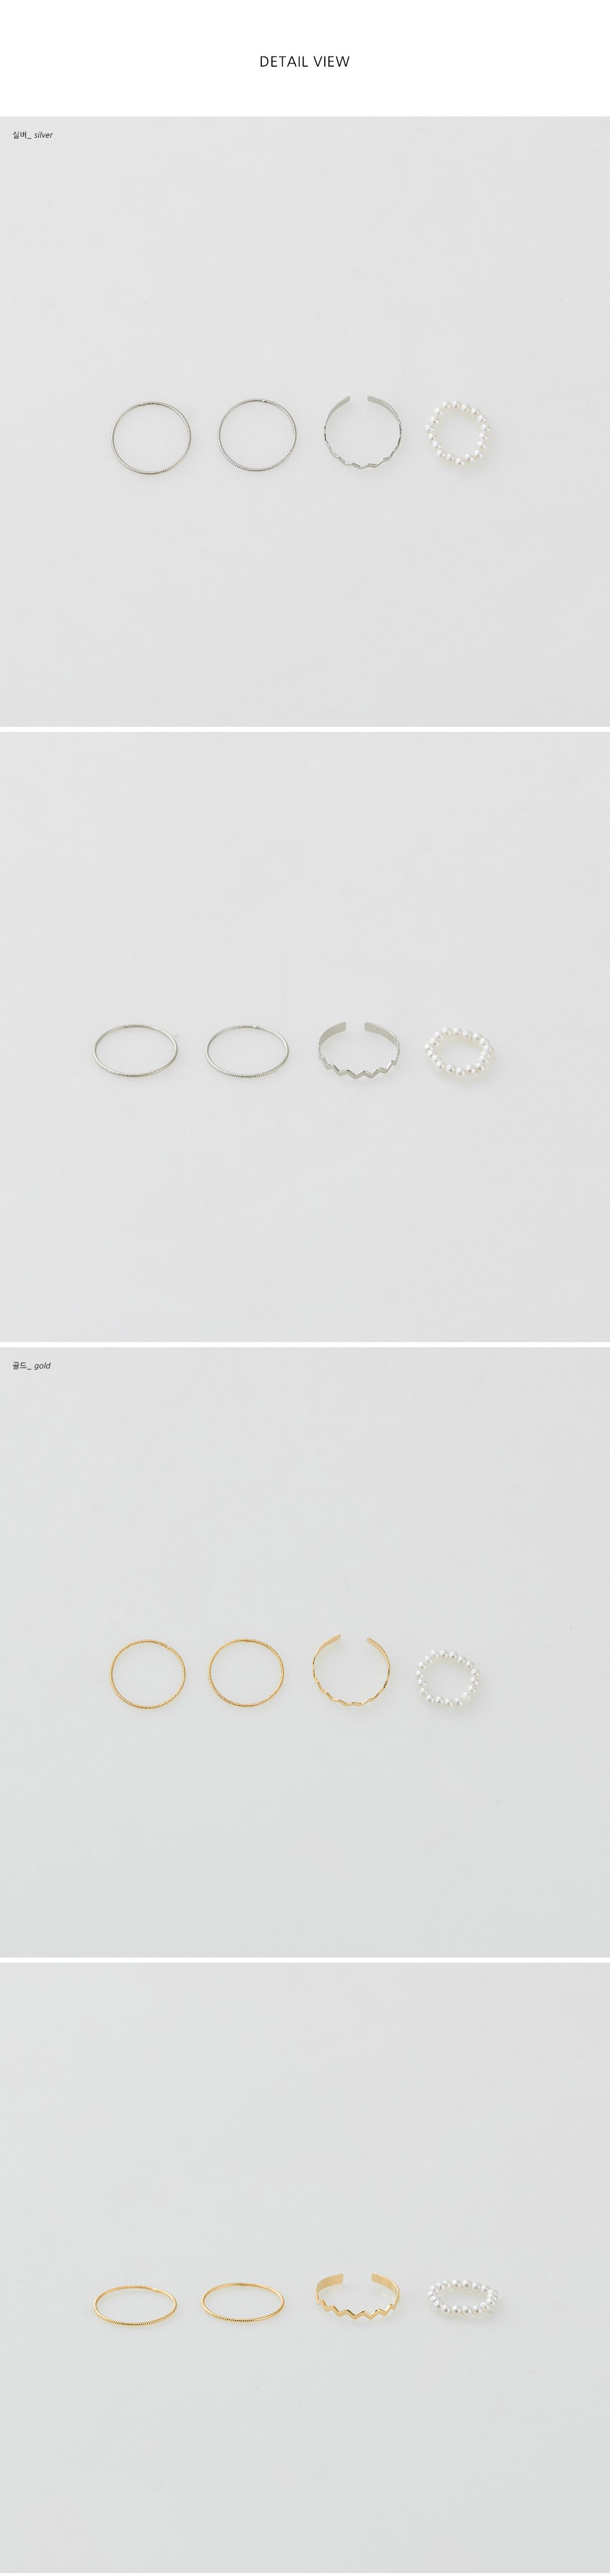 4 type layered ring set